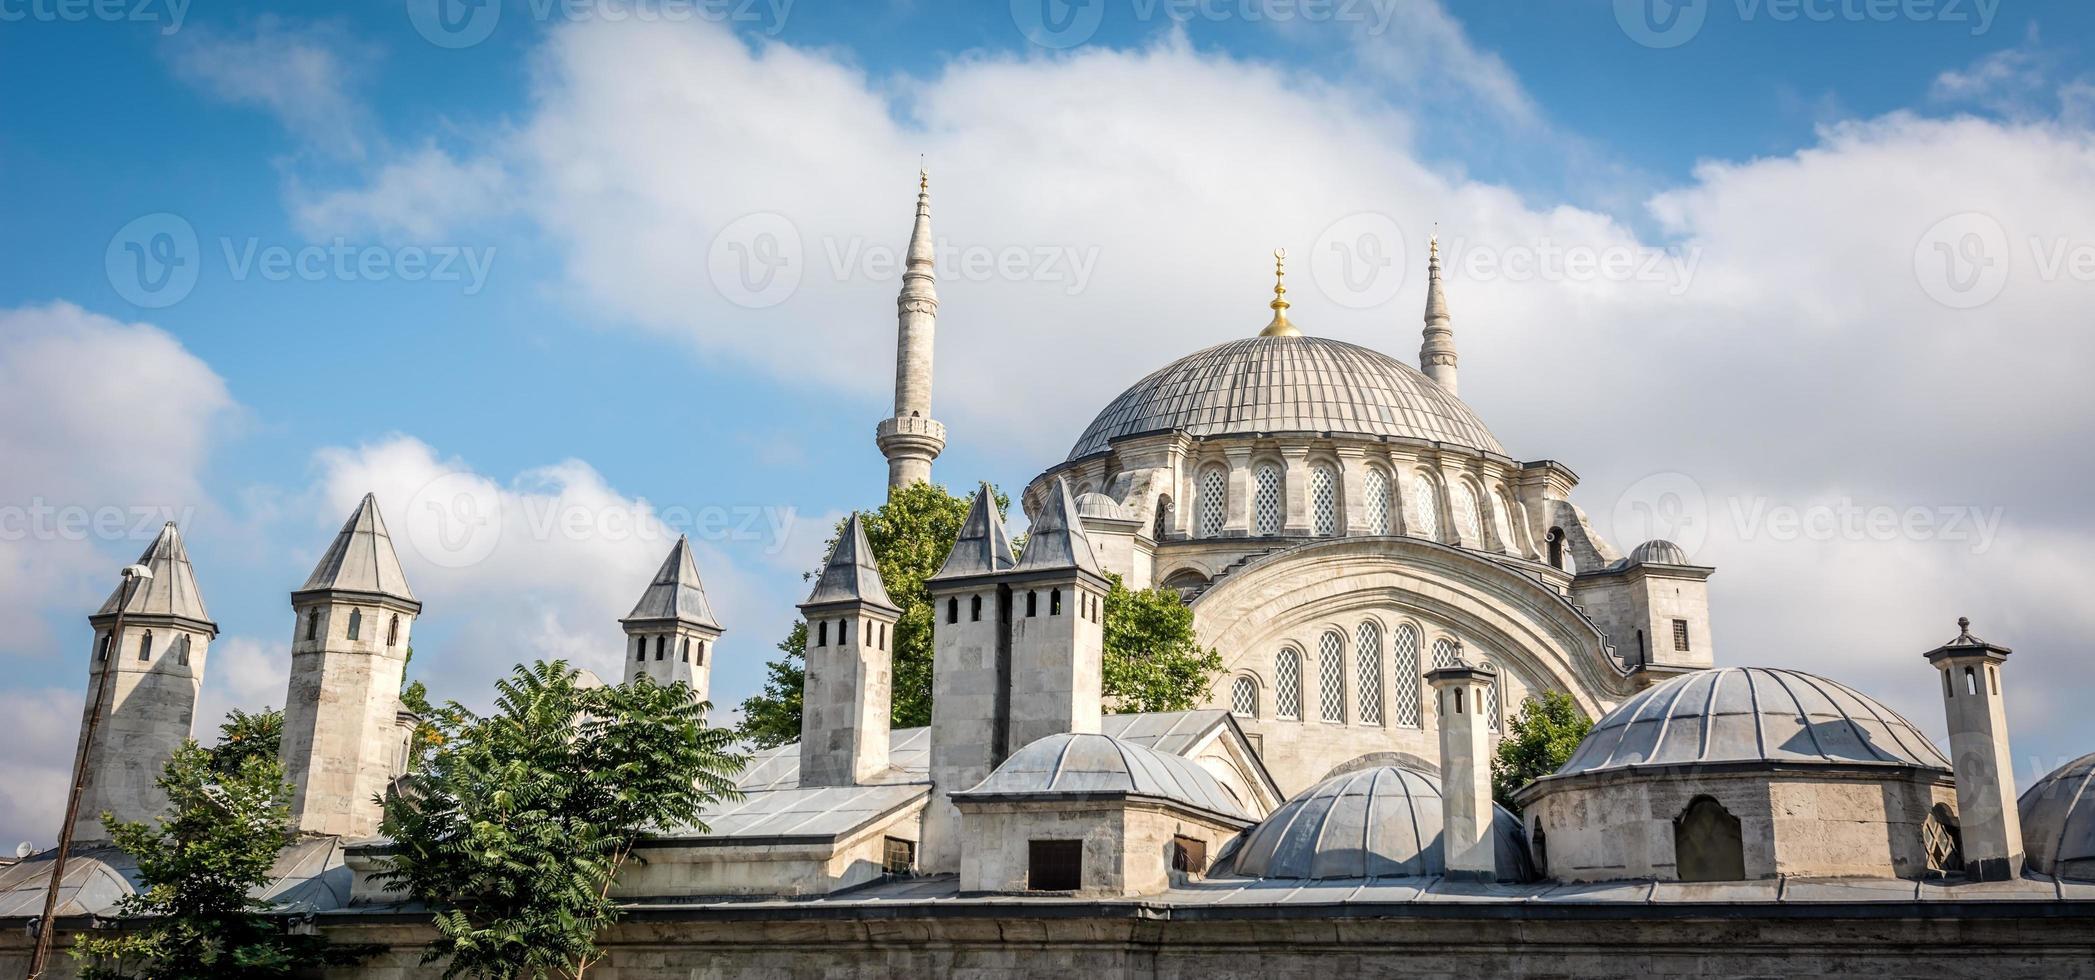 nuruosmaniye moské i istanbul, Turkiet foto